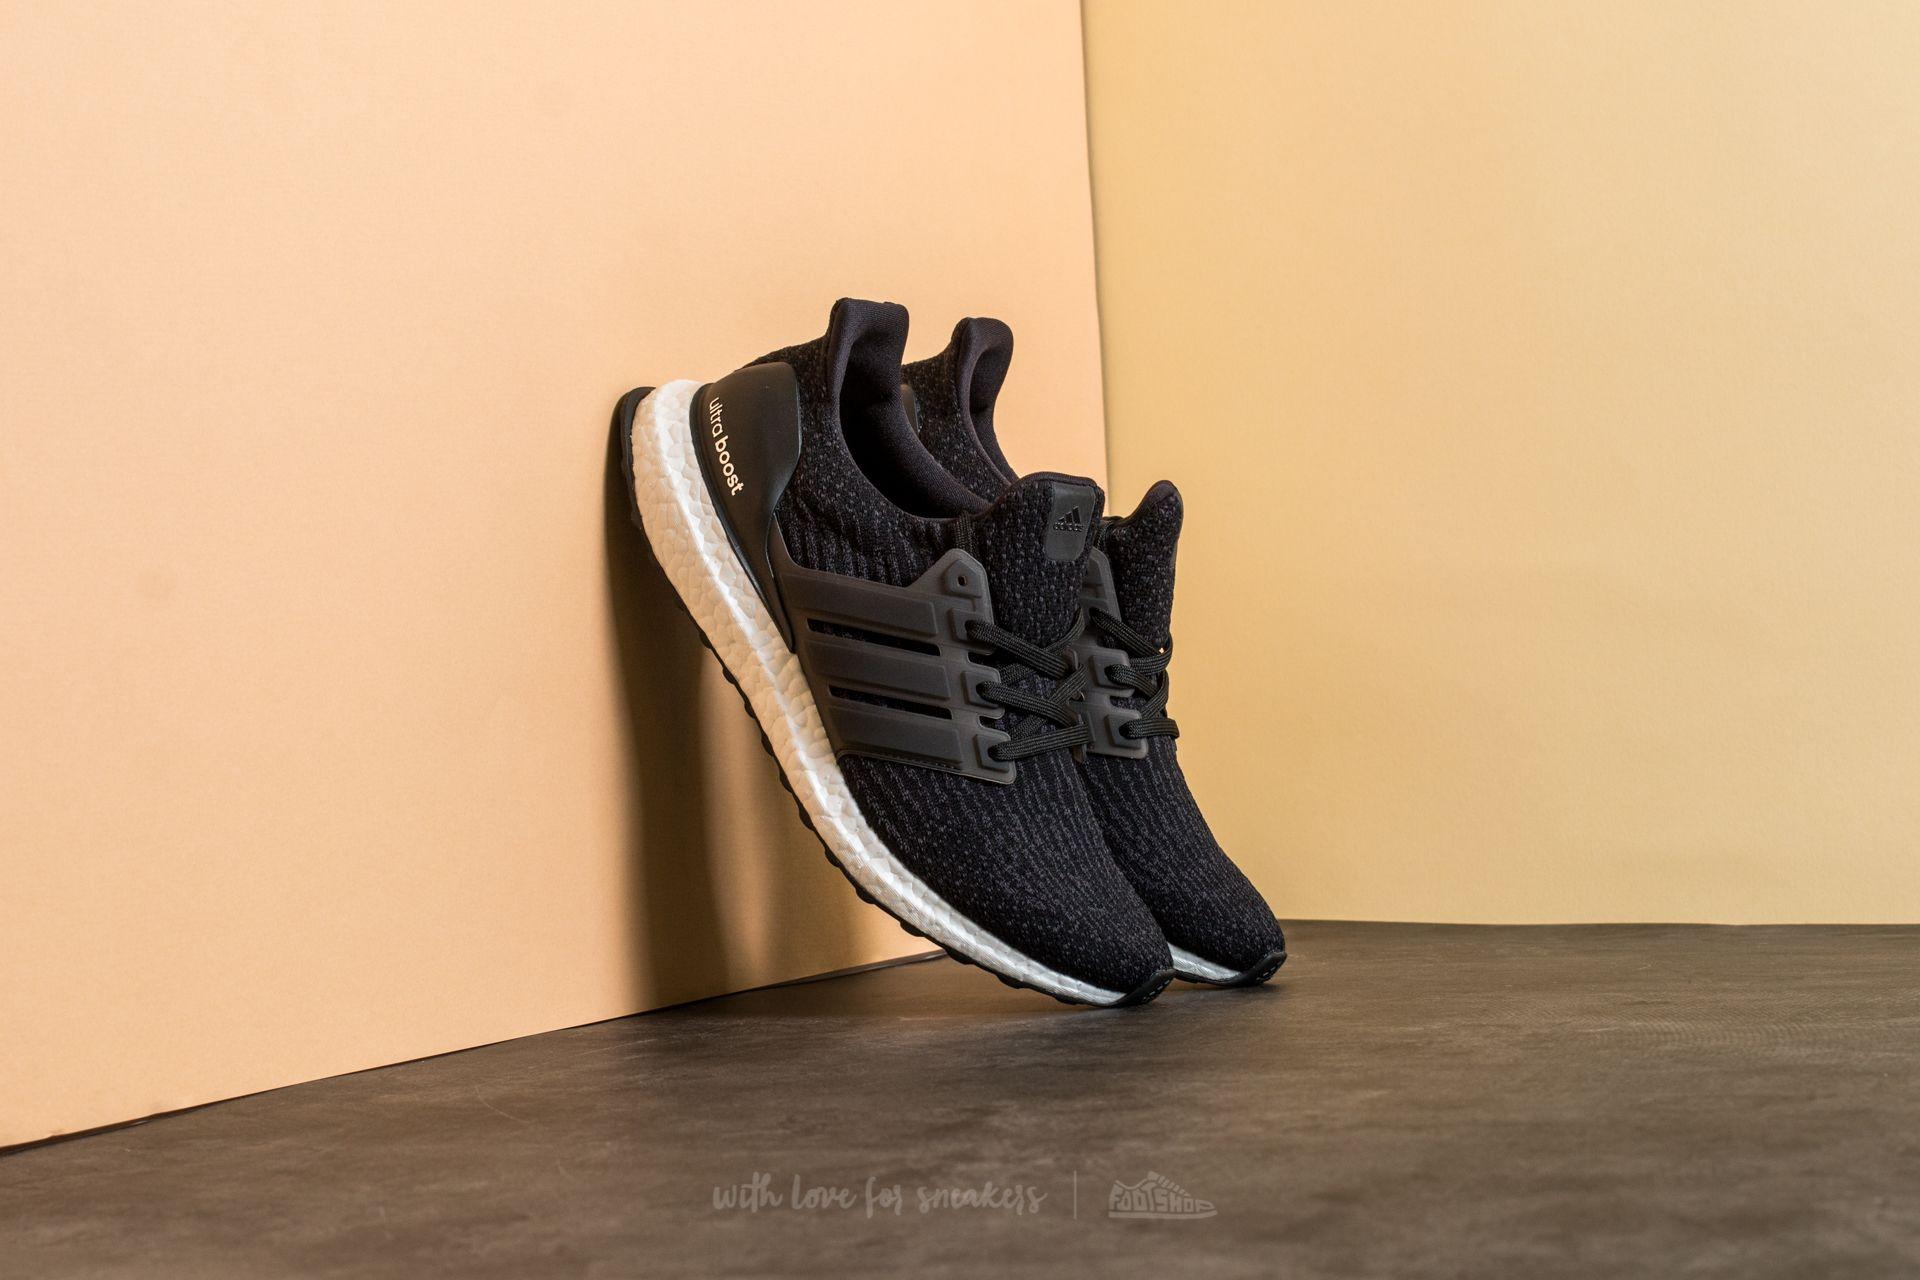 new styles 7251b 3909a adidas Ultra Boost w Core Black/ Dark Grey | Footshop